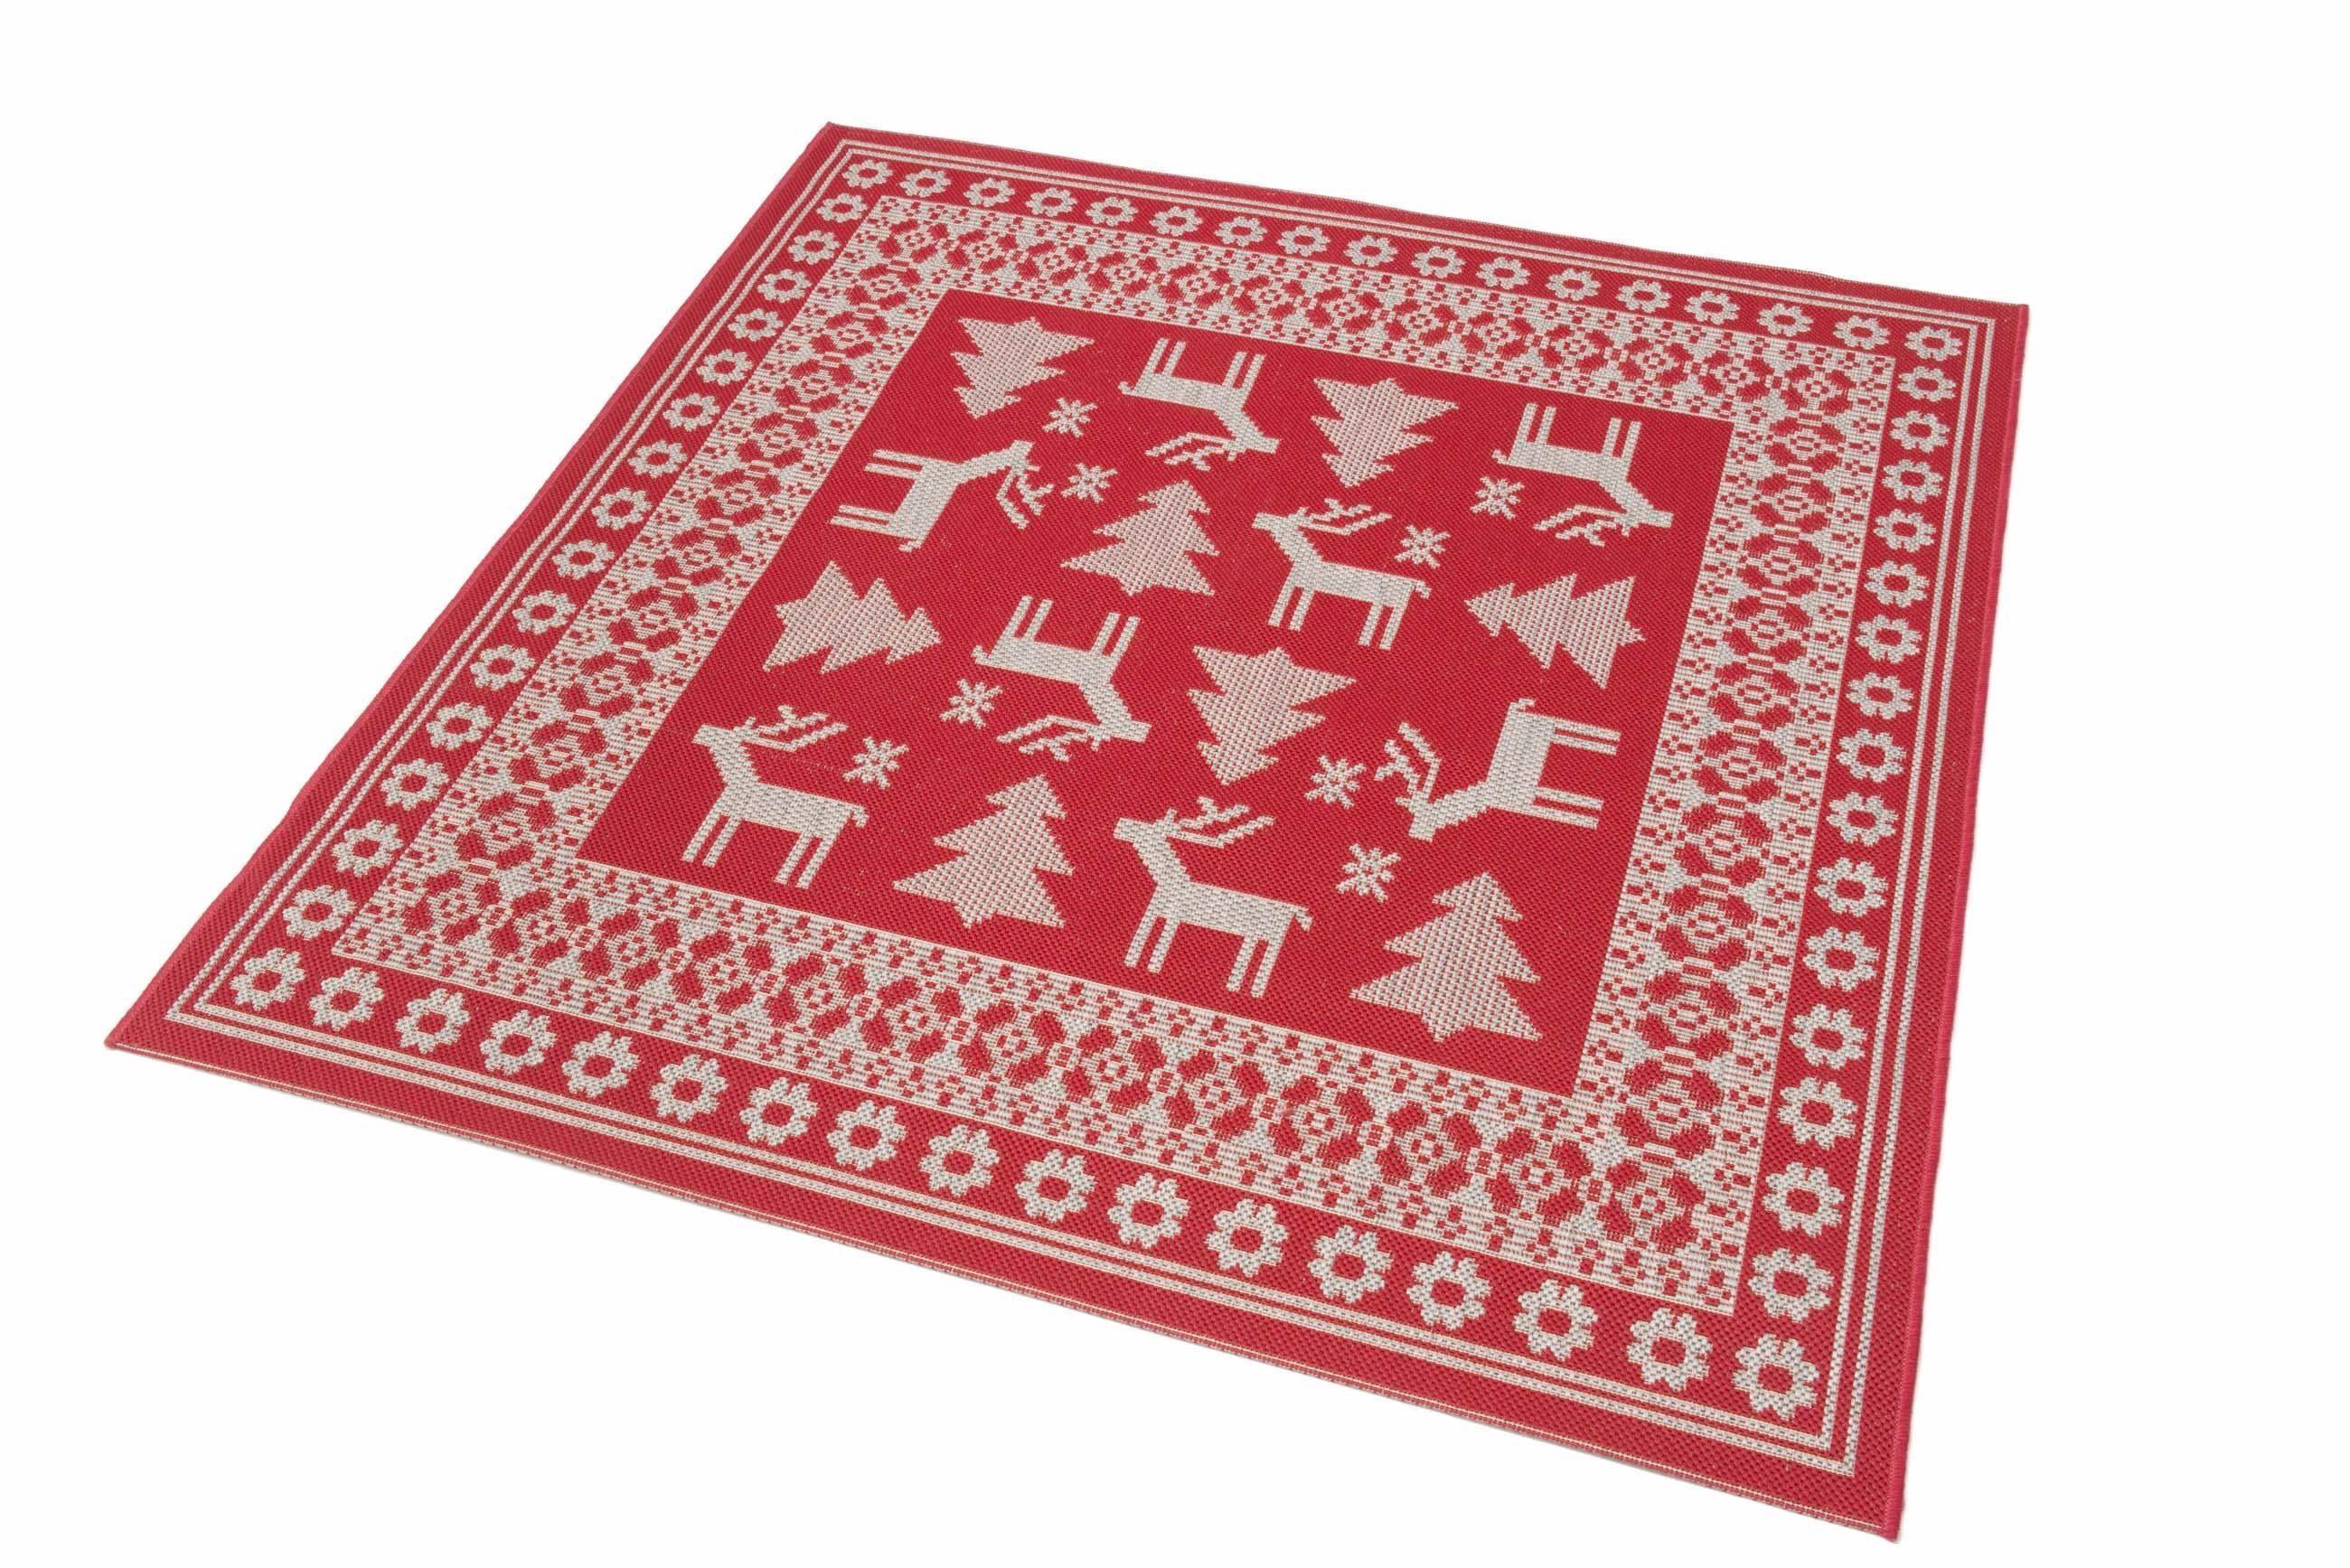 Teppich, Teppich Kontor Hamburg, »Weihnachtsteppich«, abwaschbar